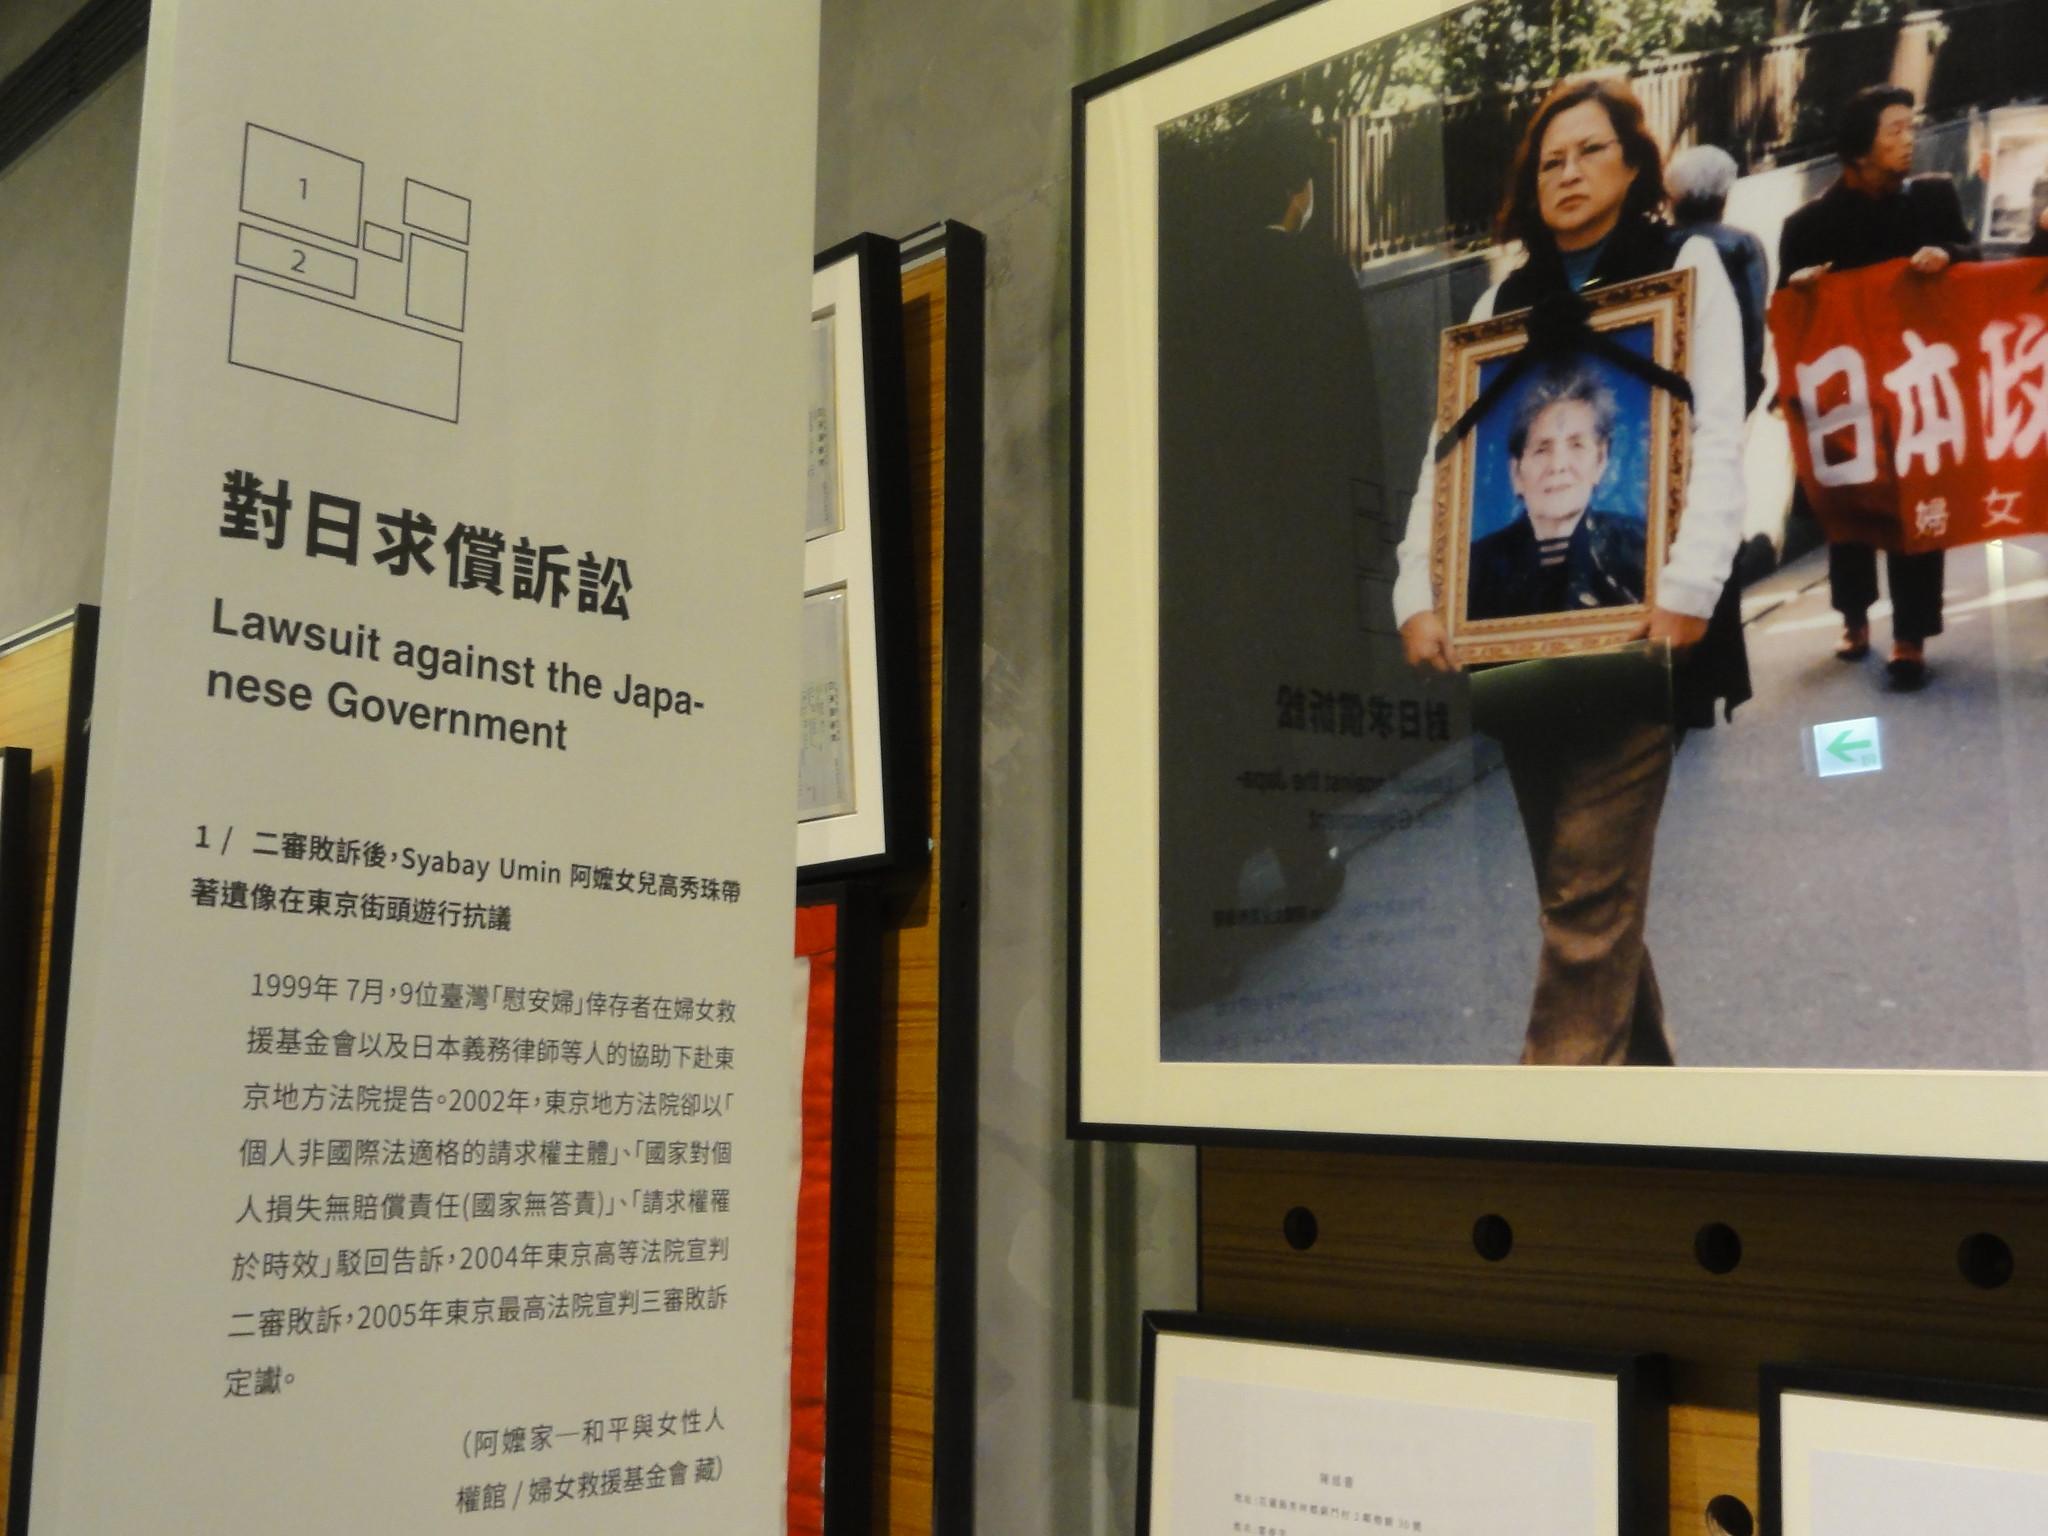 1999-2005年台灣慰安婦對日求償訴訟以敗訴告終。(攝影:張智琦)